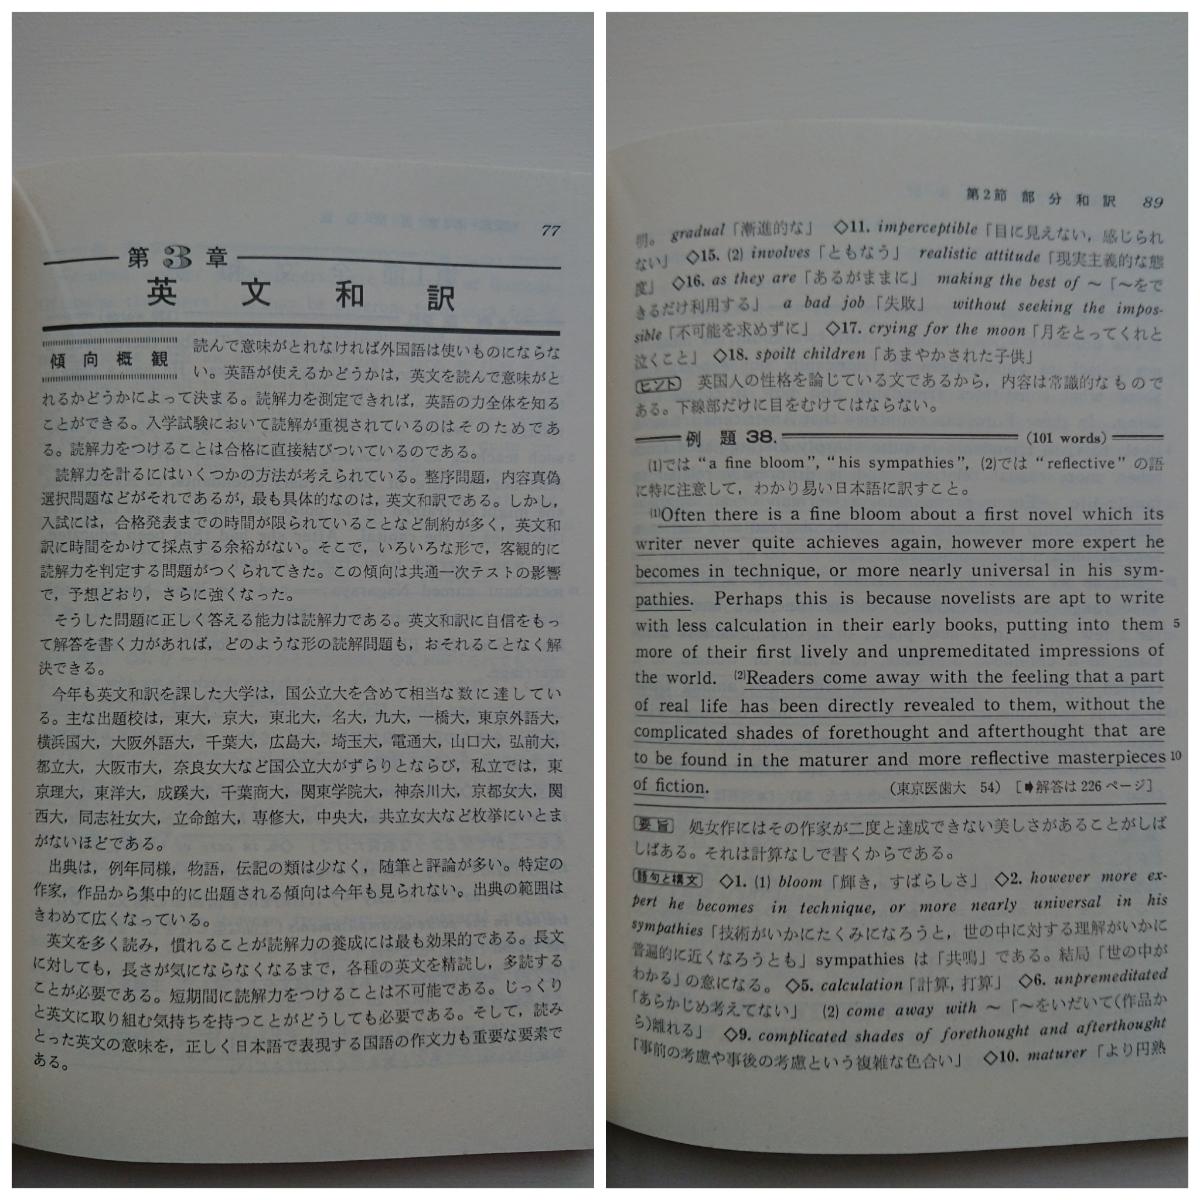 傾向と対策 英文解釈、英作・文法 昭和55年度(1980年) 梶木隆一,海江田 進,J.B.ハリス 旺文社 英語/大学受験/55年入試への徹底対策 _画像8